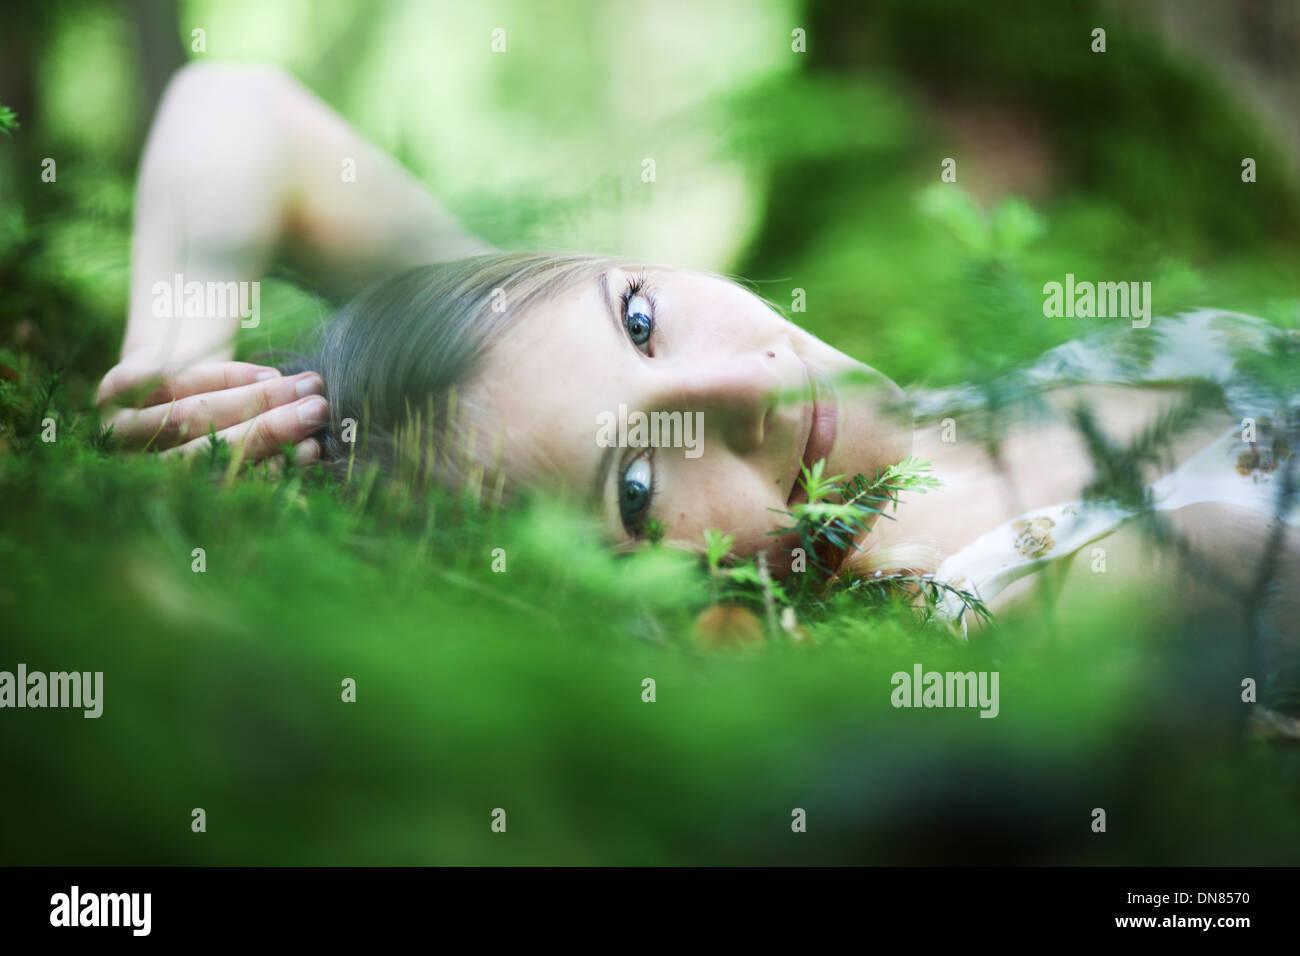 Chica tumbado en el suelo del bosque, Retrato Imagen De Stock